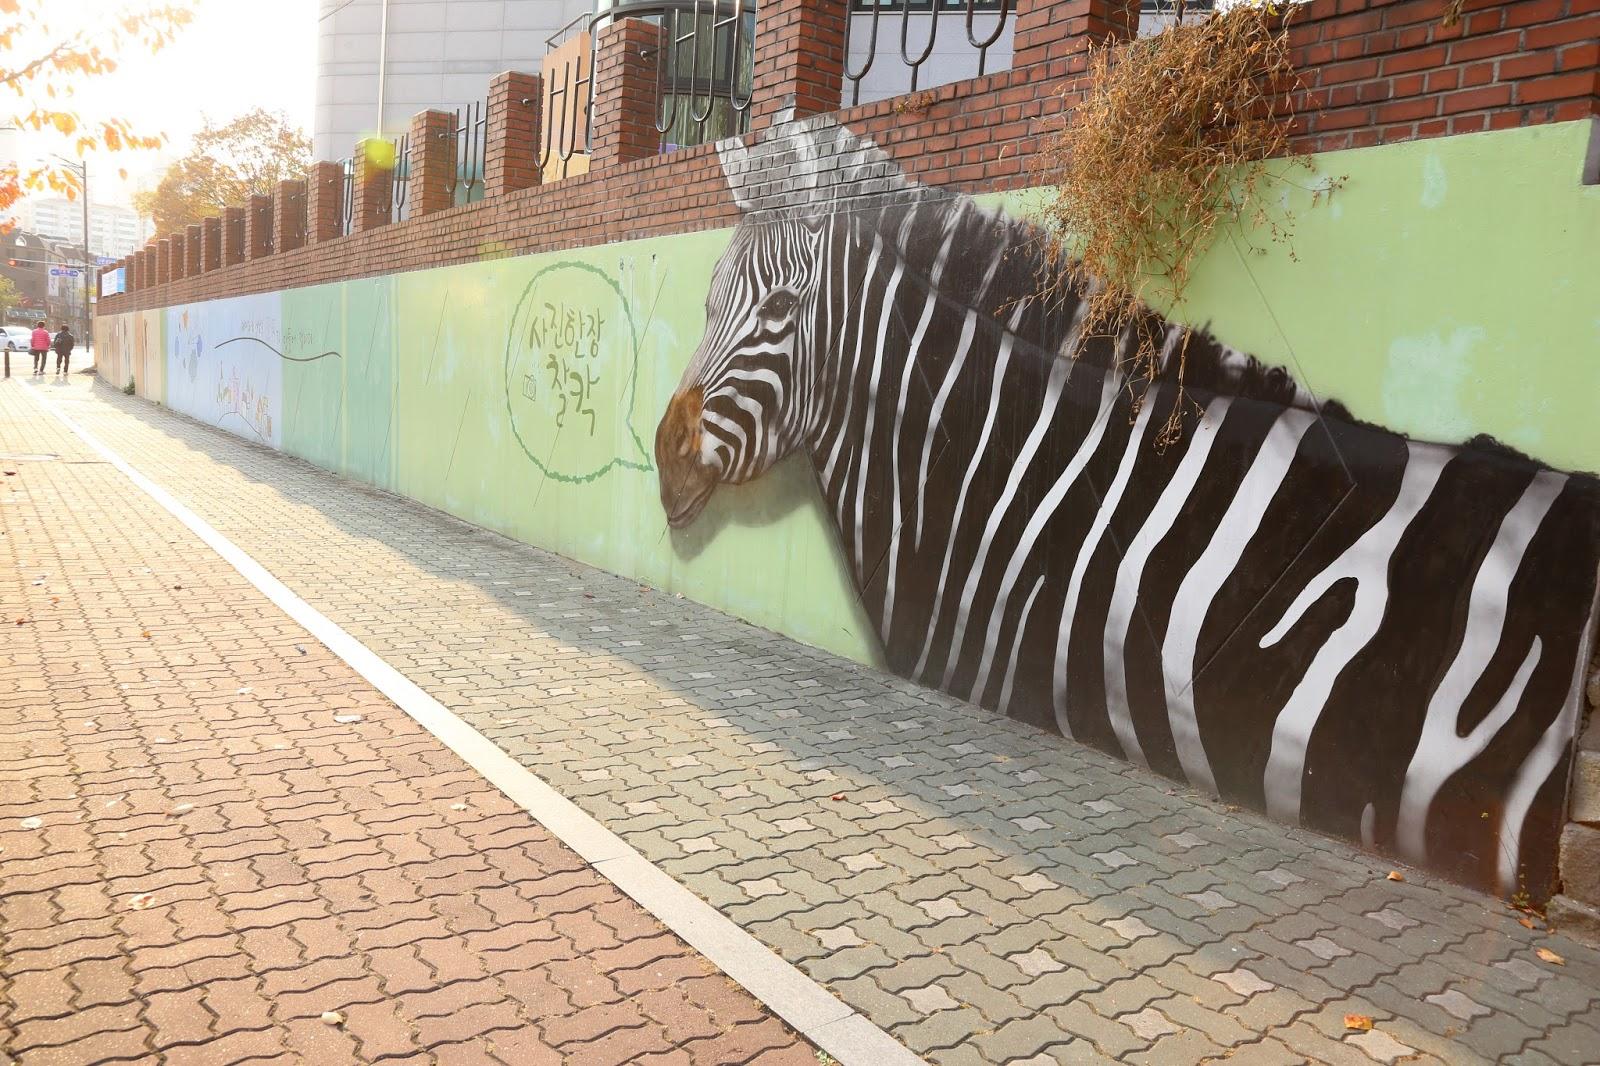 디자인군포 군포벽화 군포시 공공디자인: 군포소방서벽화, 청사 ...